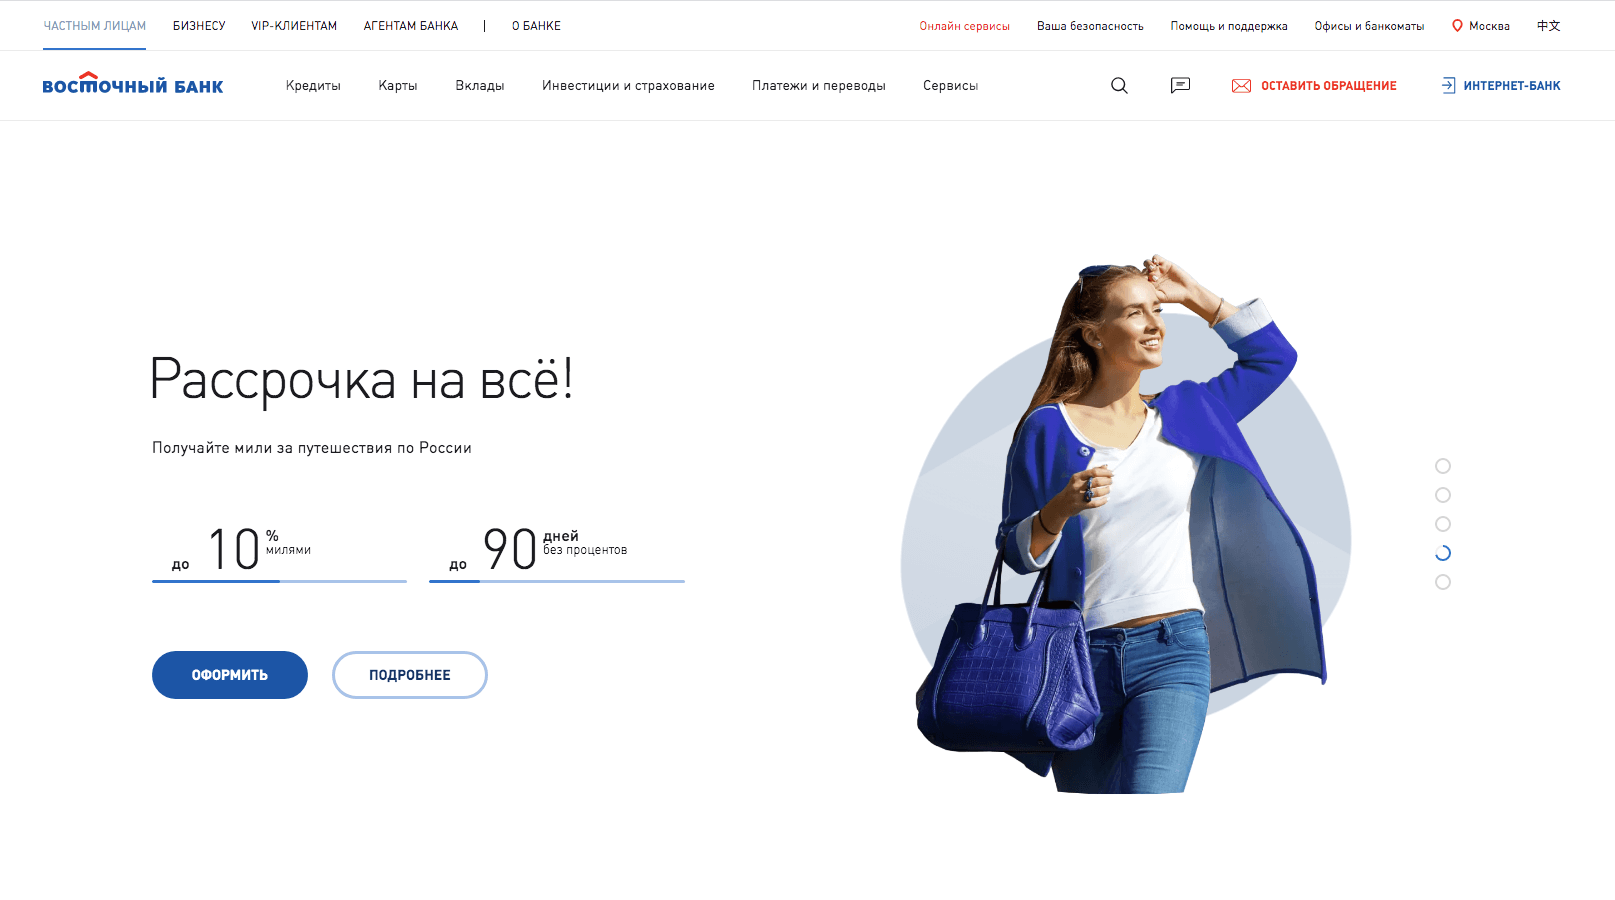 главная страница сайта восточный банк